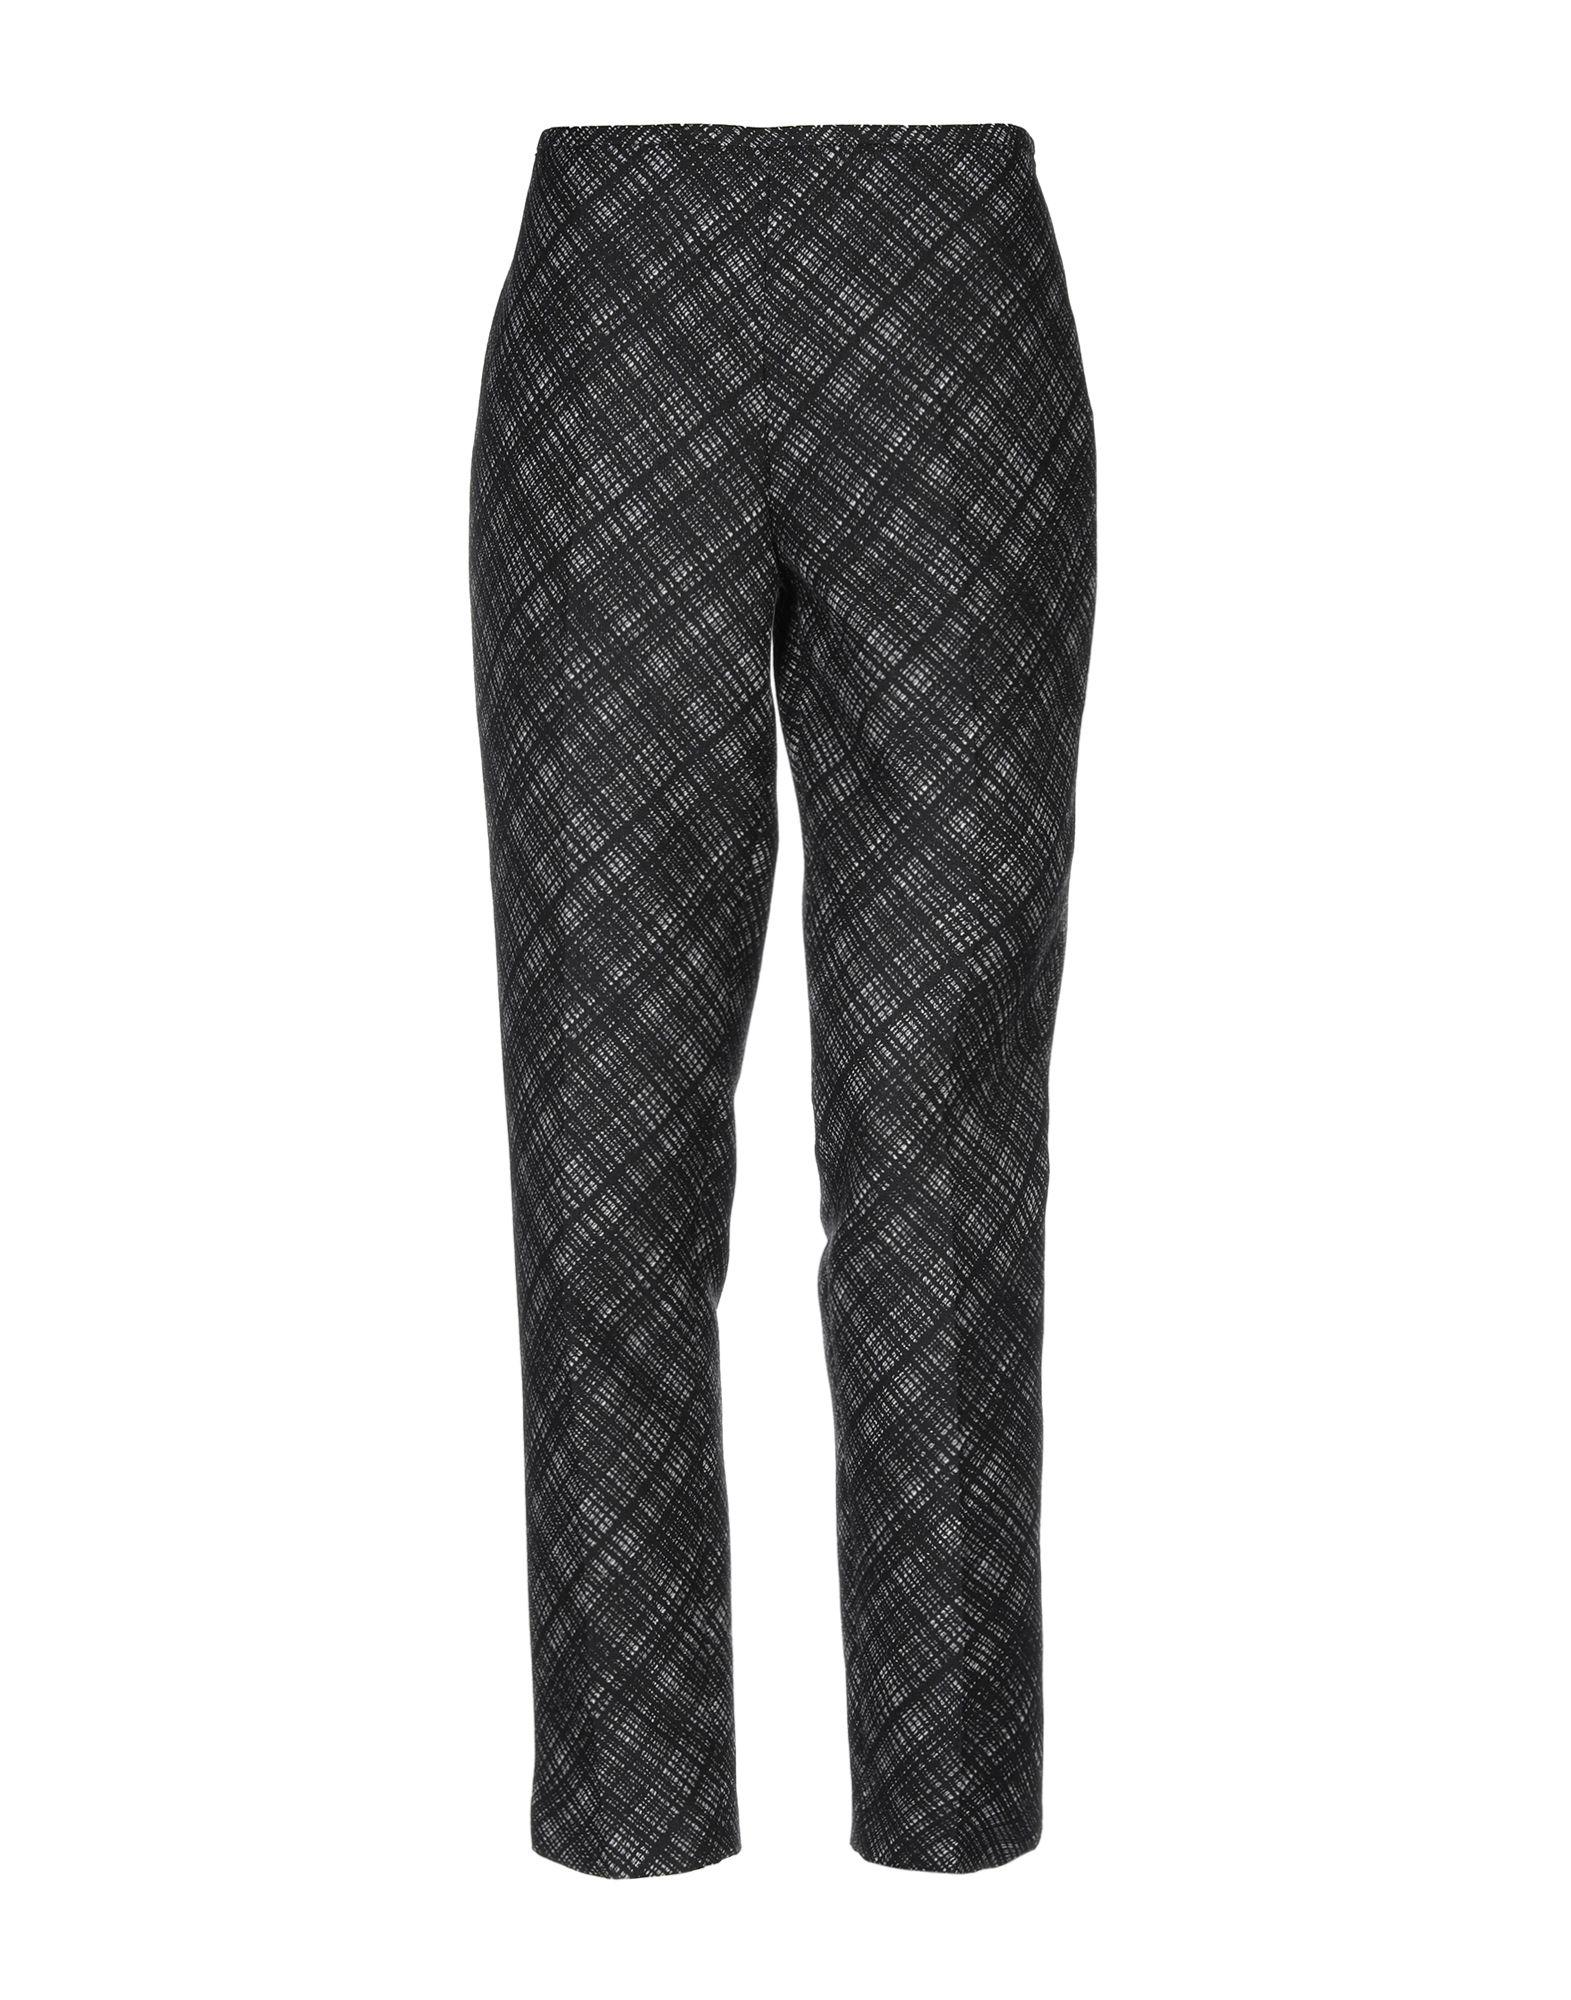 MICHAEL KORS COLLECTION Повседневные брюки playboy vip collection повседневные брюки мужские девятки брюки тонкие тонкие фитинги прямые брюки 1904 черный 34